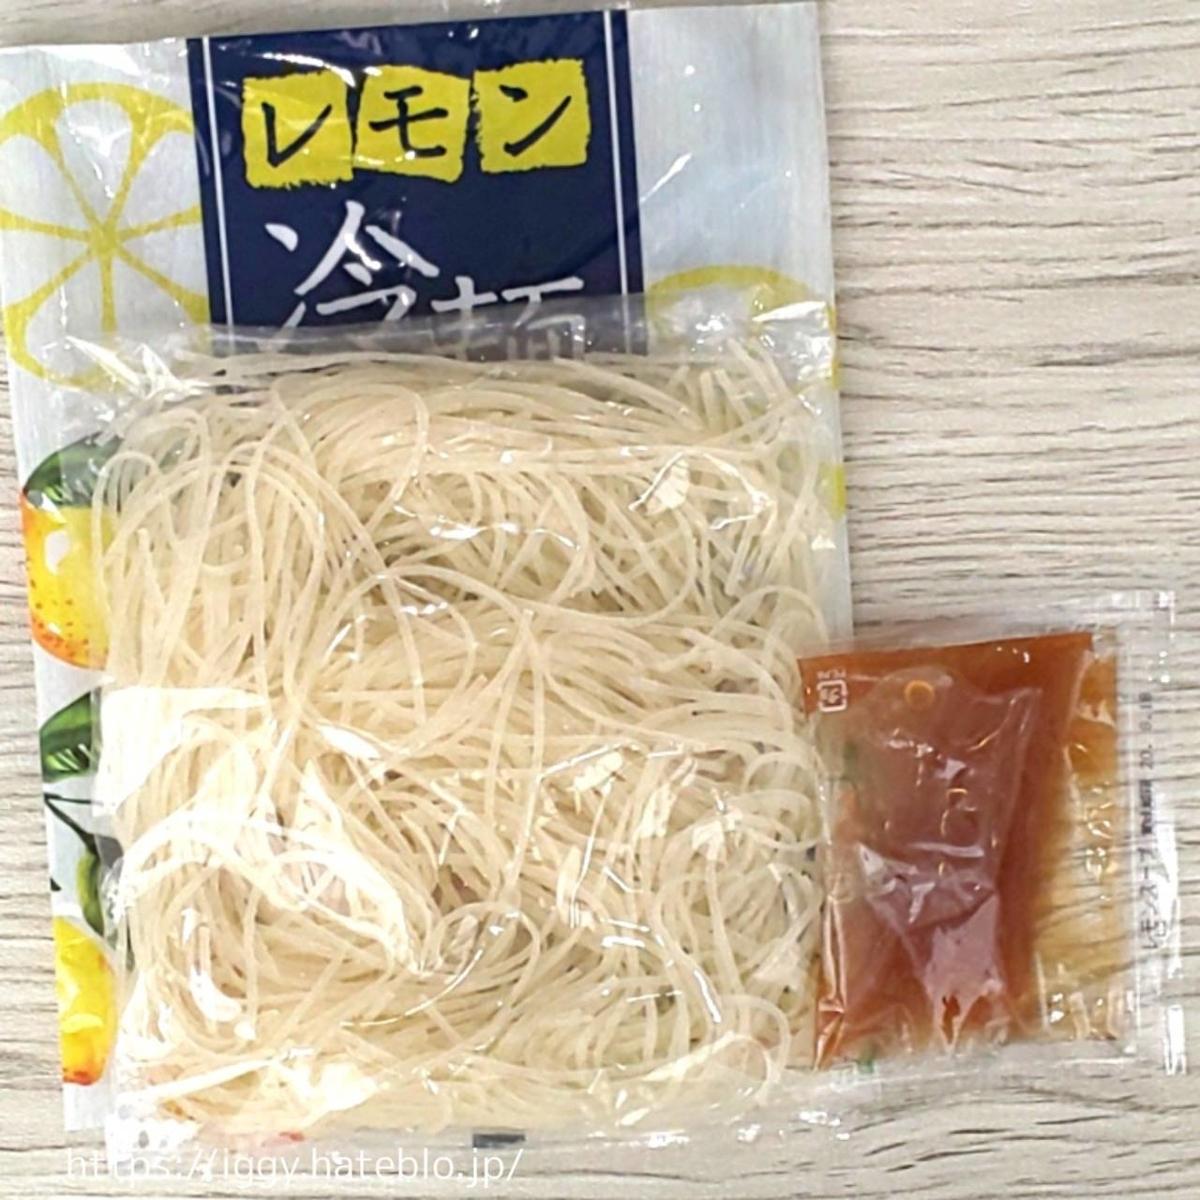 カルディ おすすめ商品「レモン冷麺」 感想 口コミ レビュー